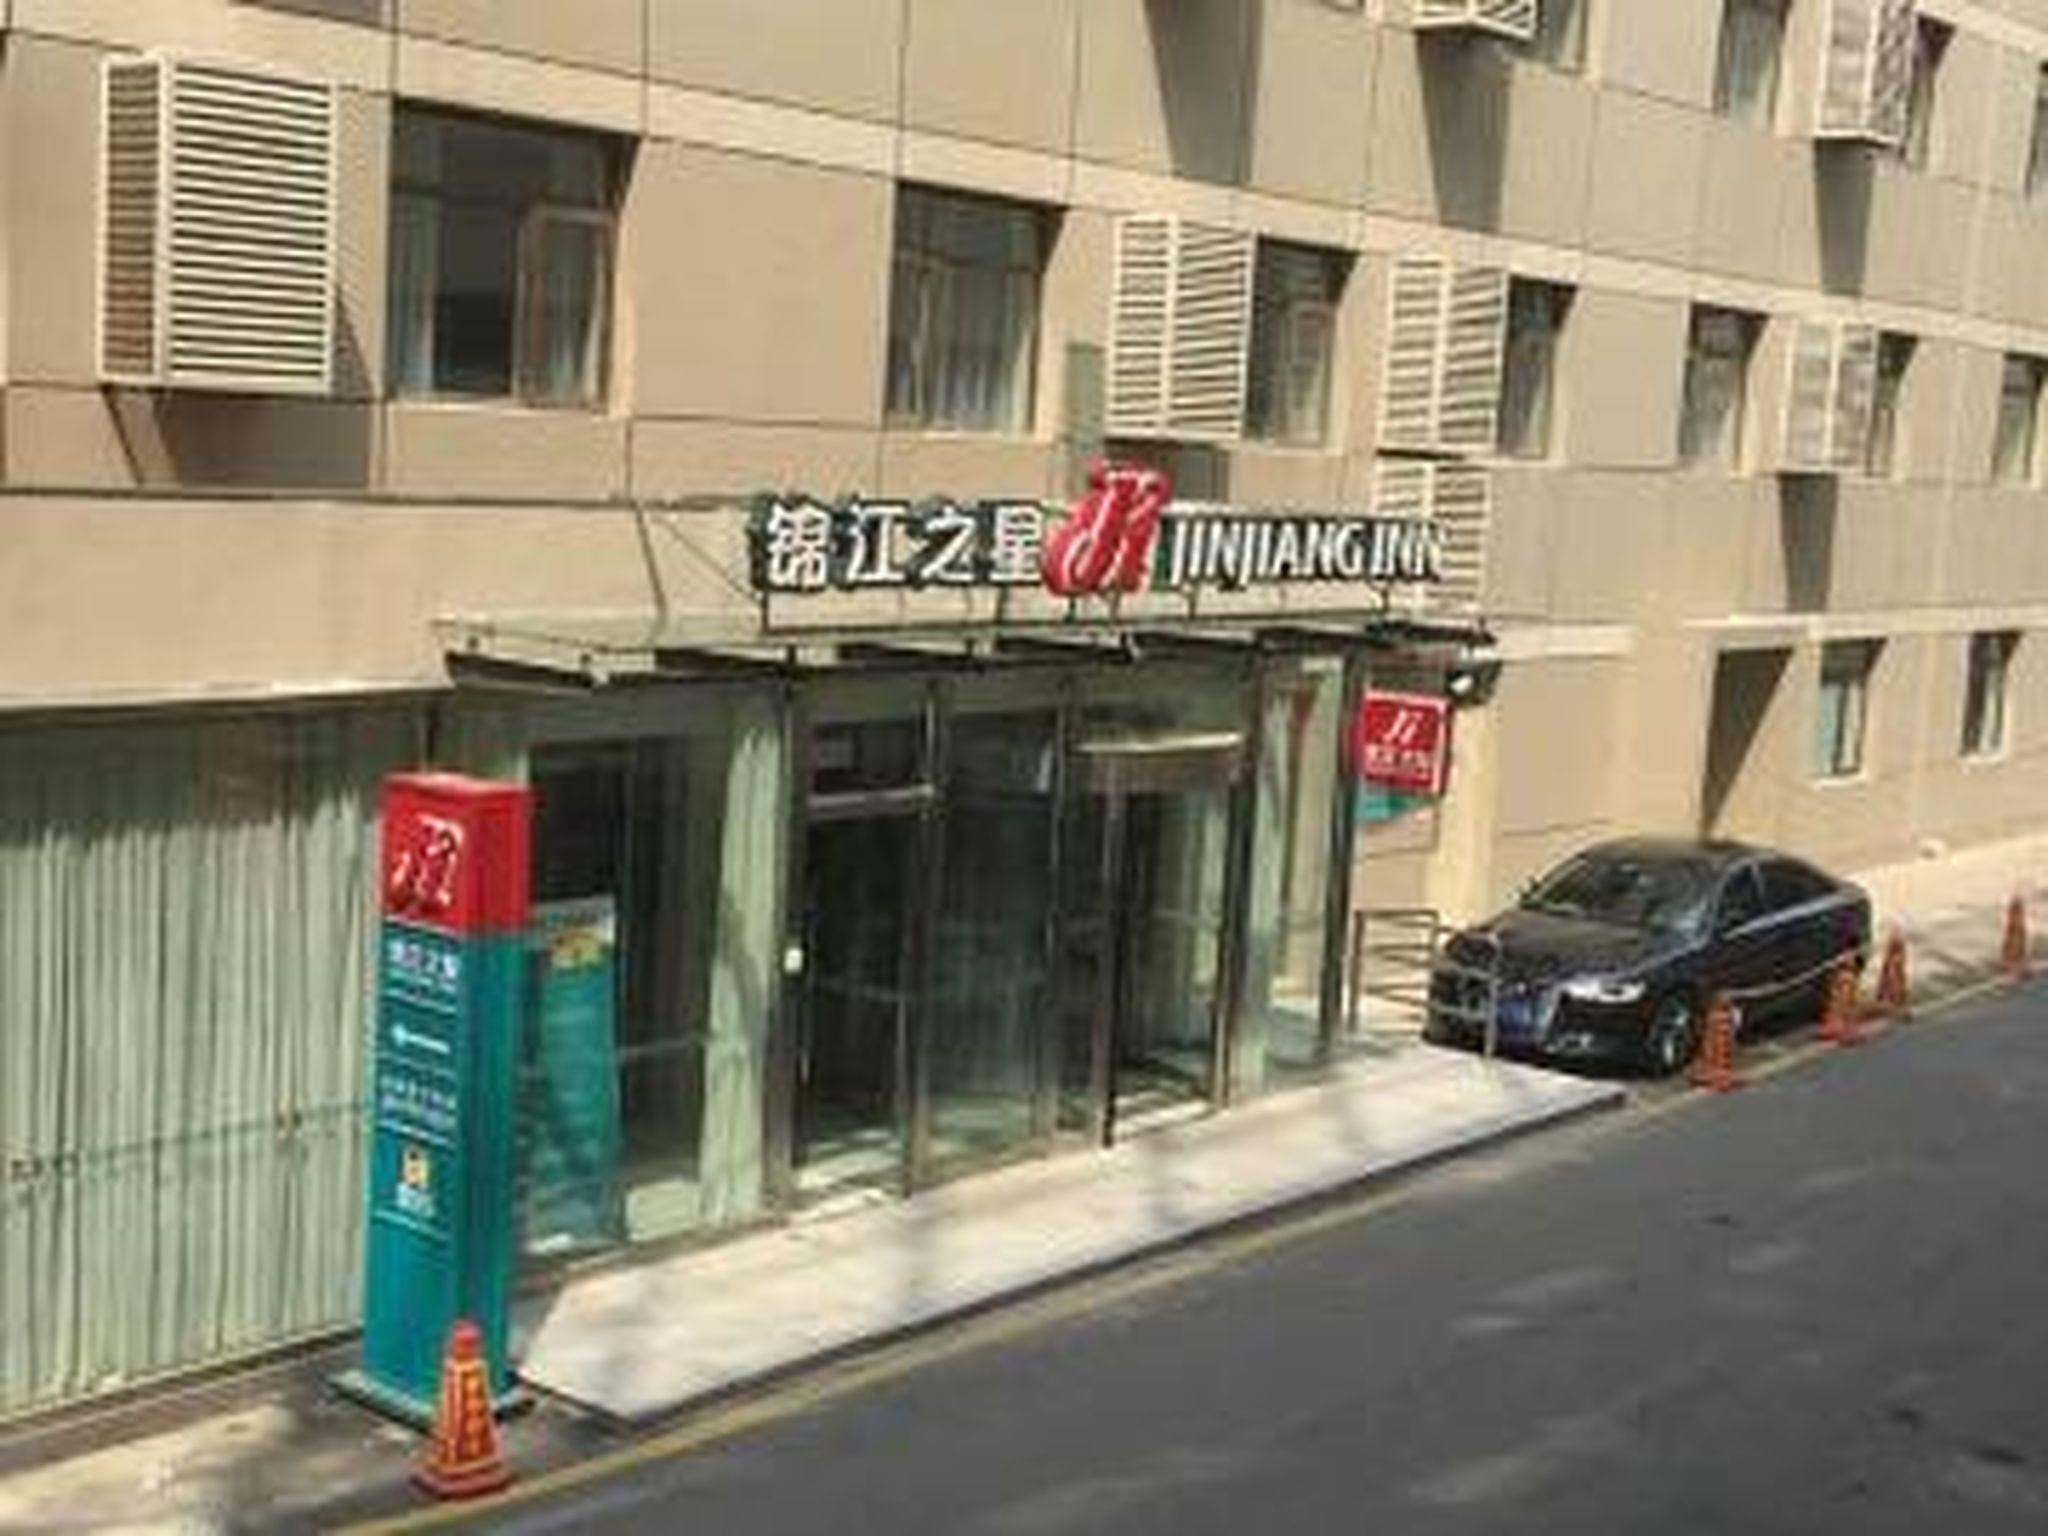 Jinjiang Inn Beijing Laiguangying Branch